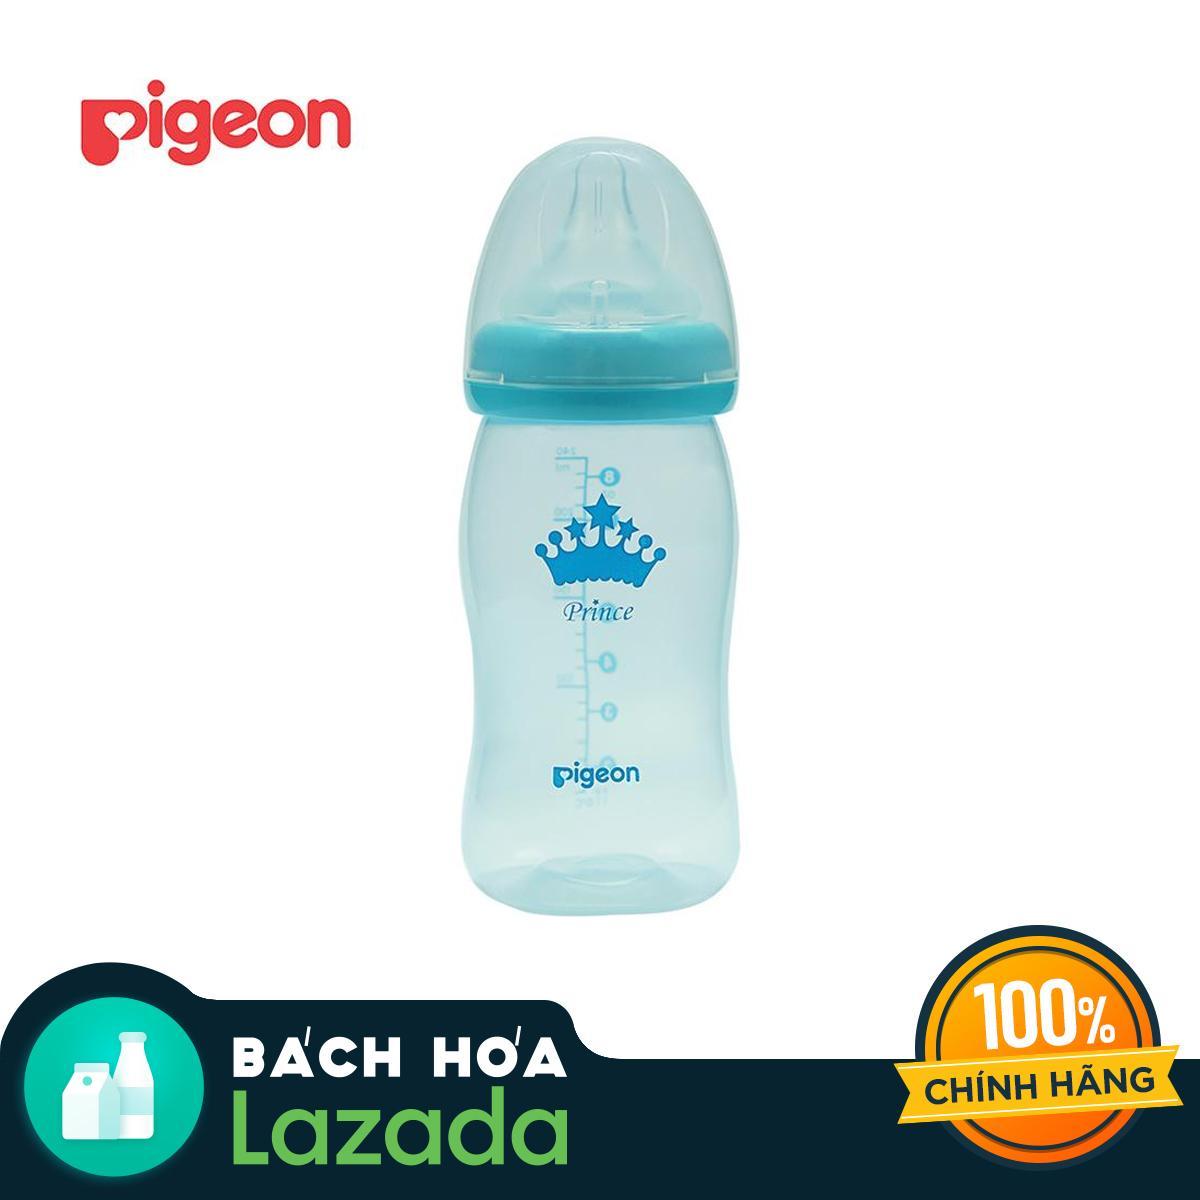 [TẶNG KHĂN SỮA] Bộ đôi Bình sữa PIGEON PP Plus 240ml - Mẫu Hoàng Tử